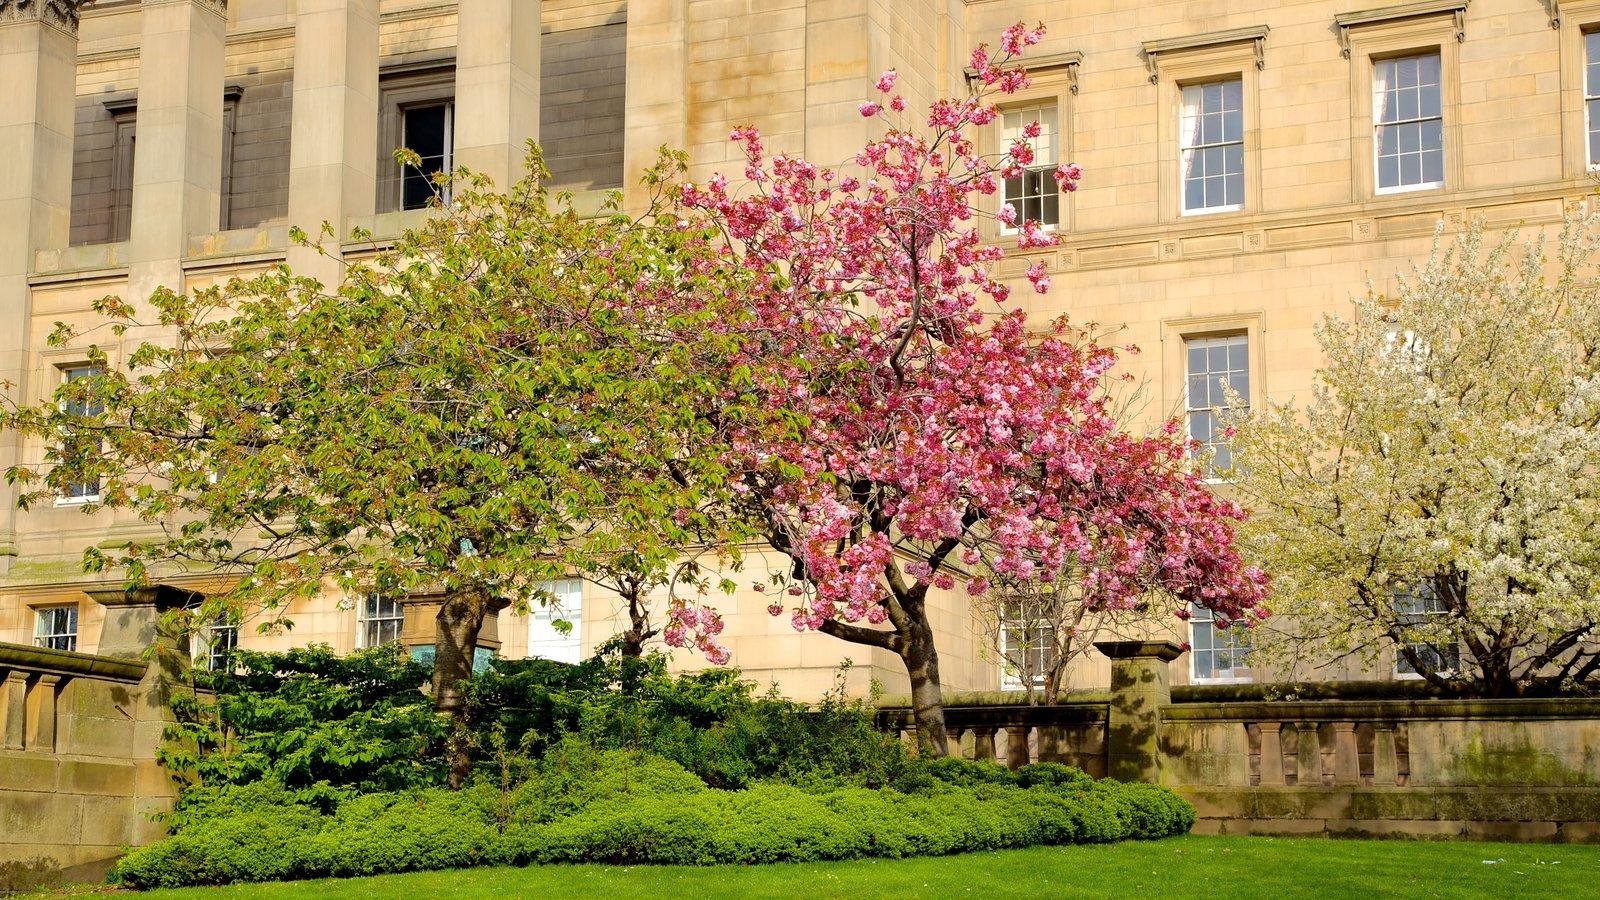 St. George\'s Hall ofreciendo un jardín y un edificio administrativo